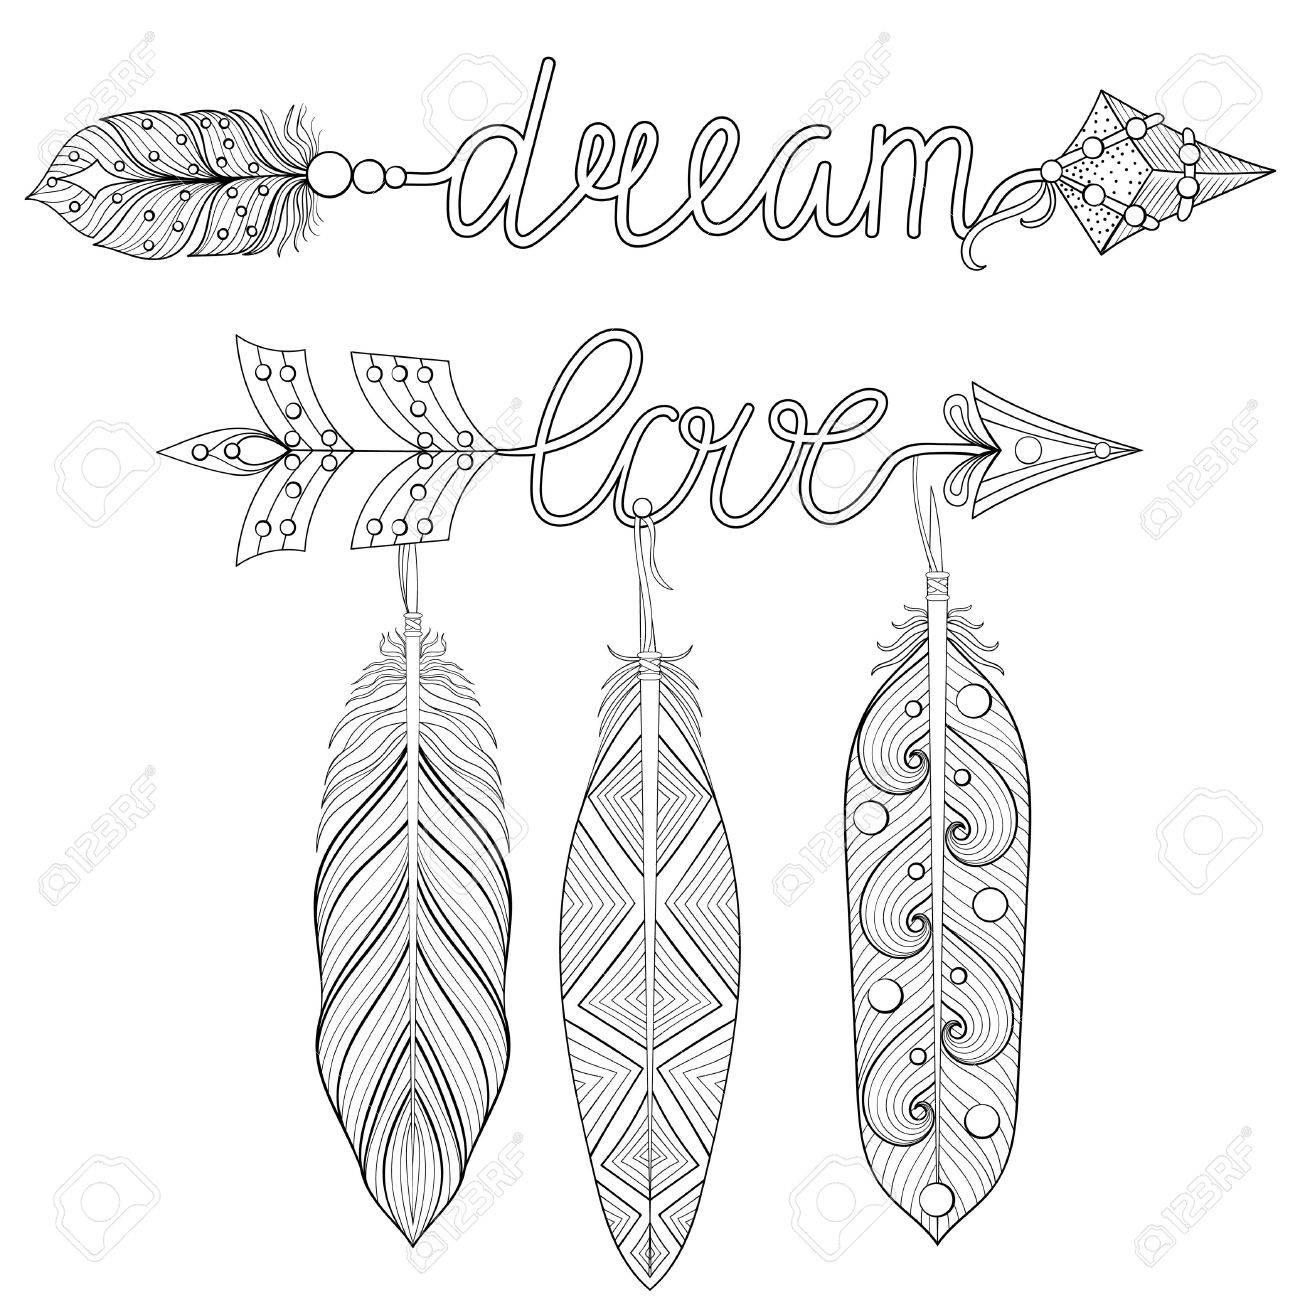 Bohemian Dream Love Arrows Sertie De Plumes Pour Coloriages Adultes Art Therapie Impression De T Shirts A Motifs Ethniques Style Tribal Boho Chic Illustration Doodle Conception De Tatouage Au Henne Clip Art Libres De